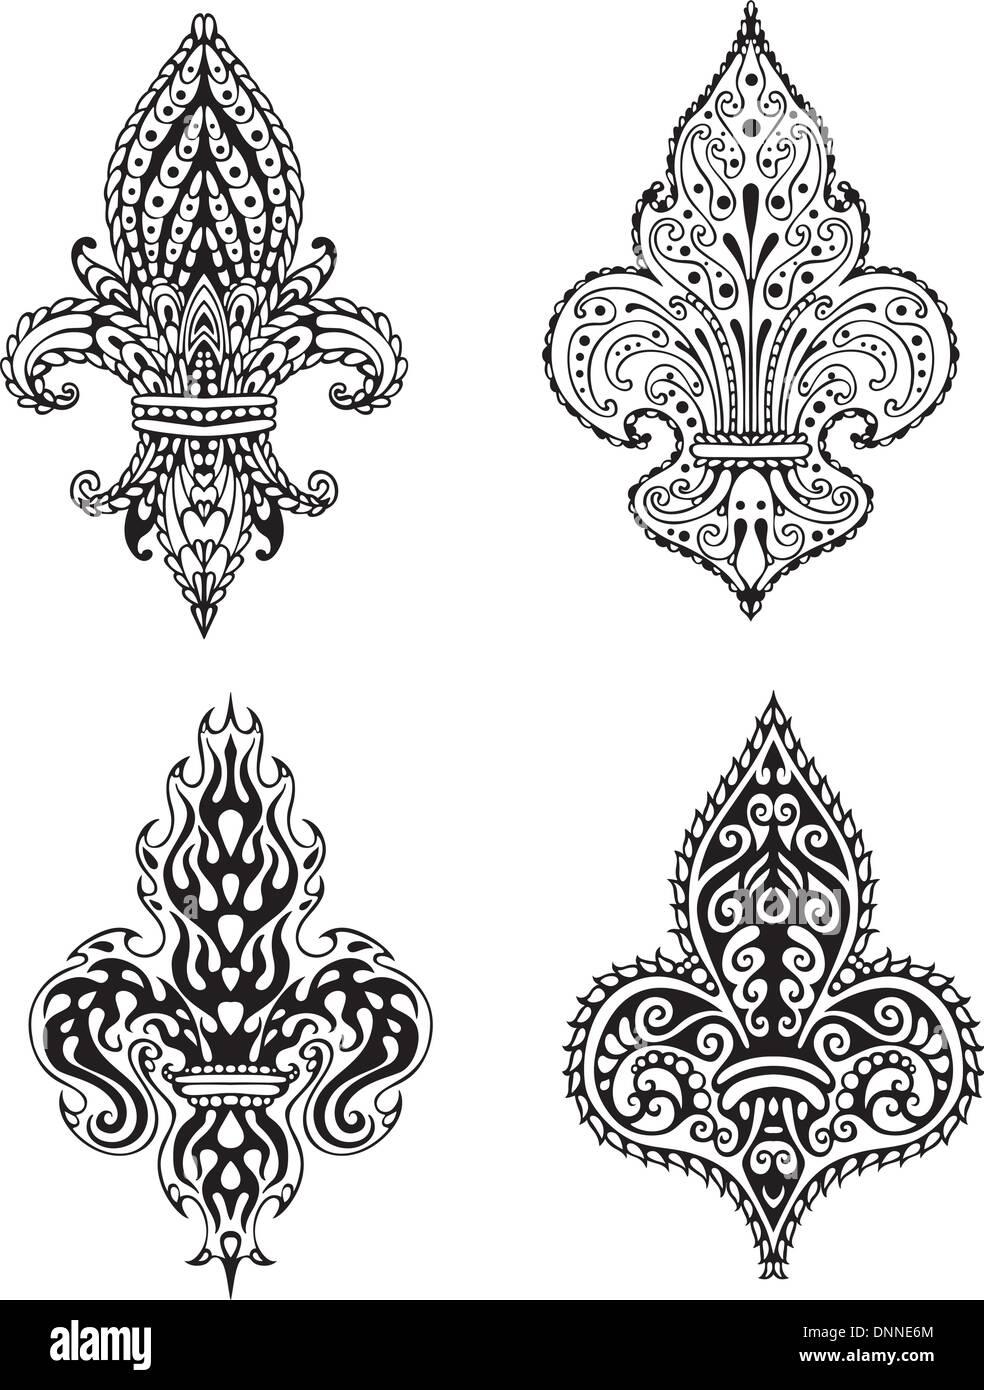 Fleur-de-lis (lys française des Bourbons). Série d'illustrations vectorielles en noir et blanc. Photo Stock